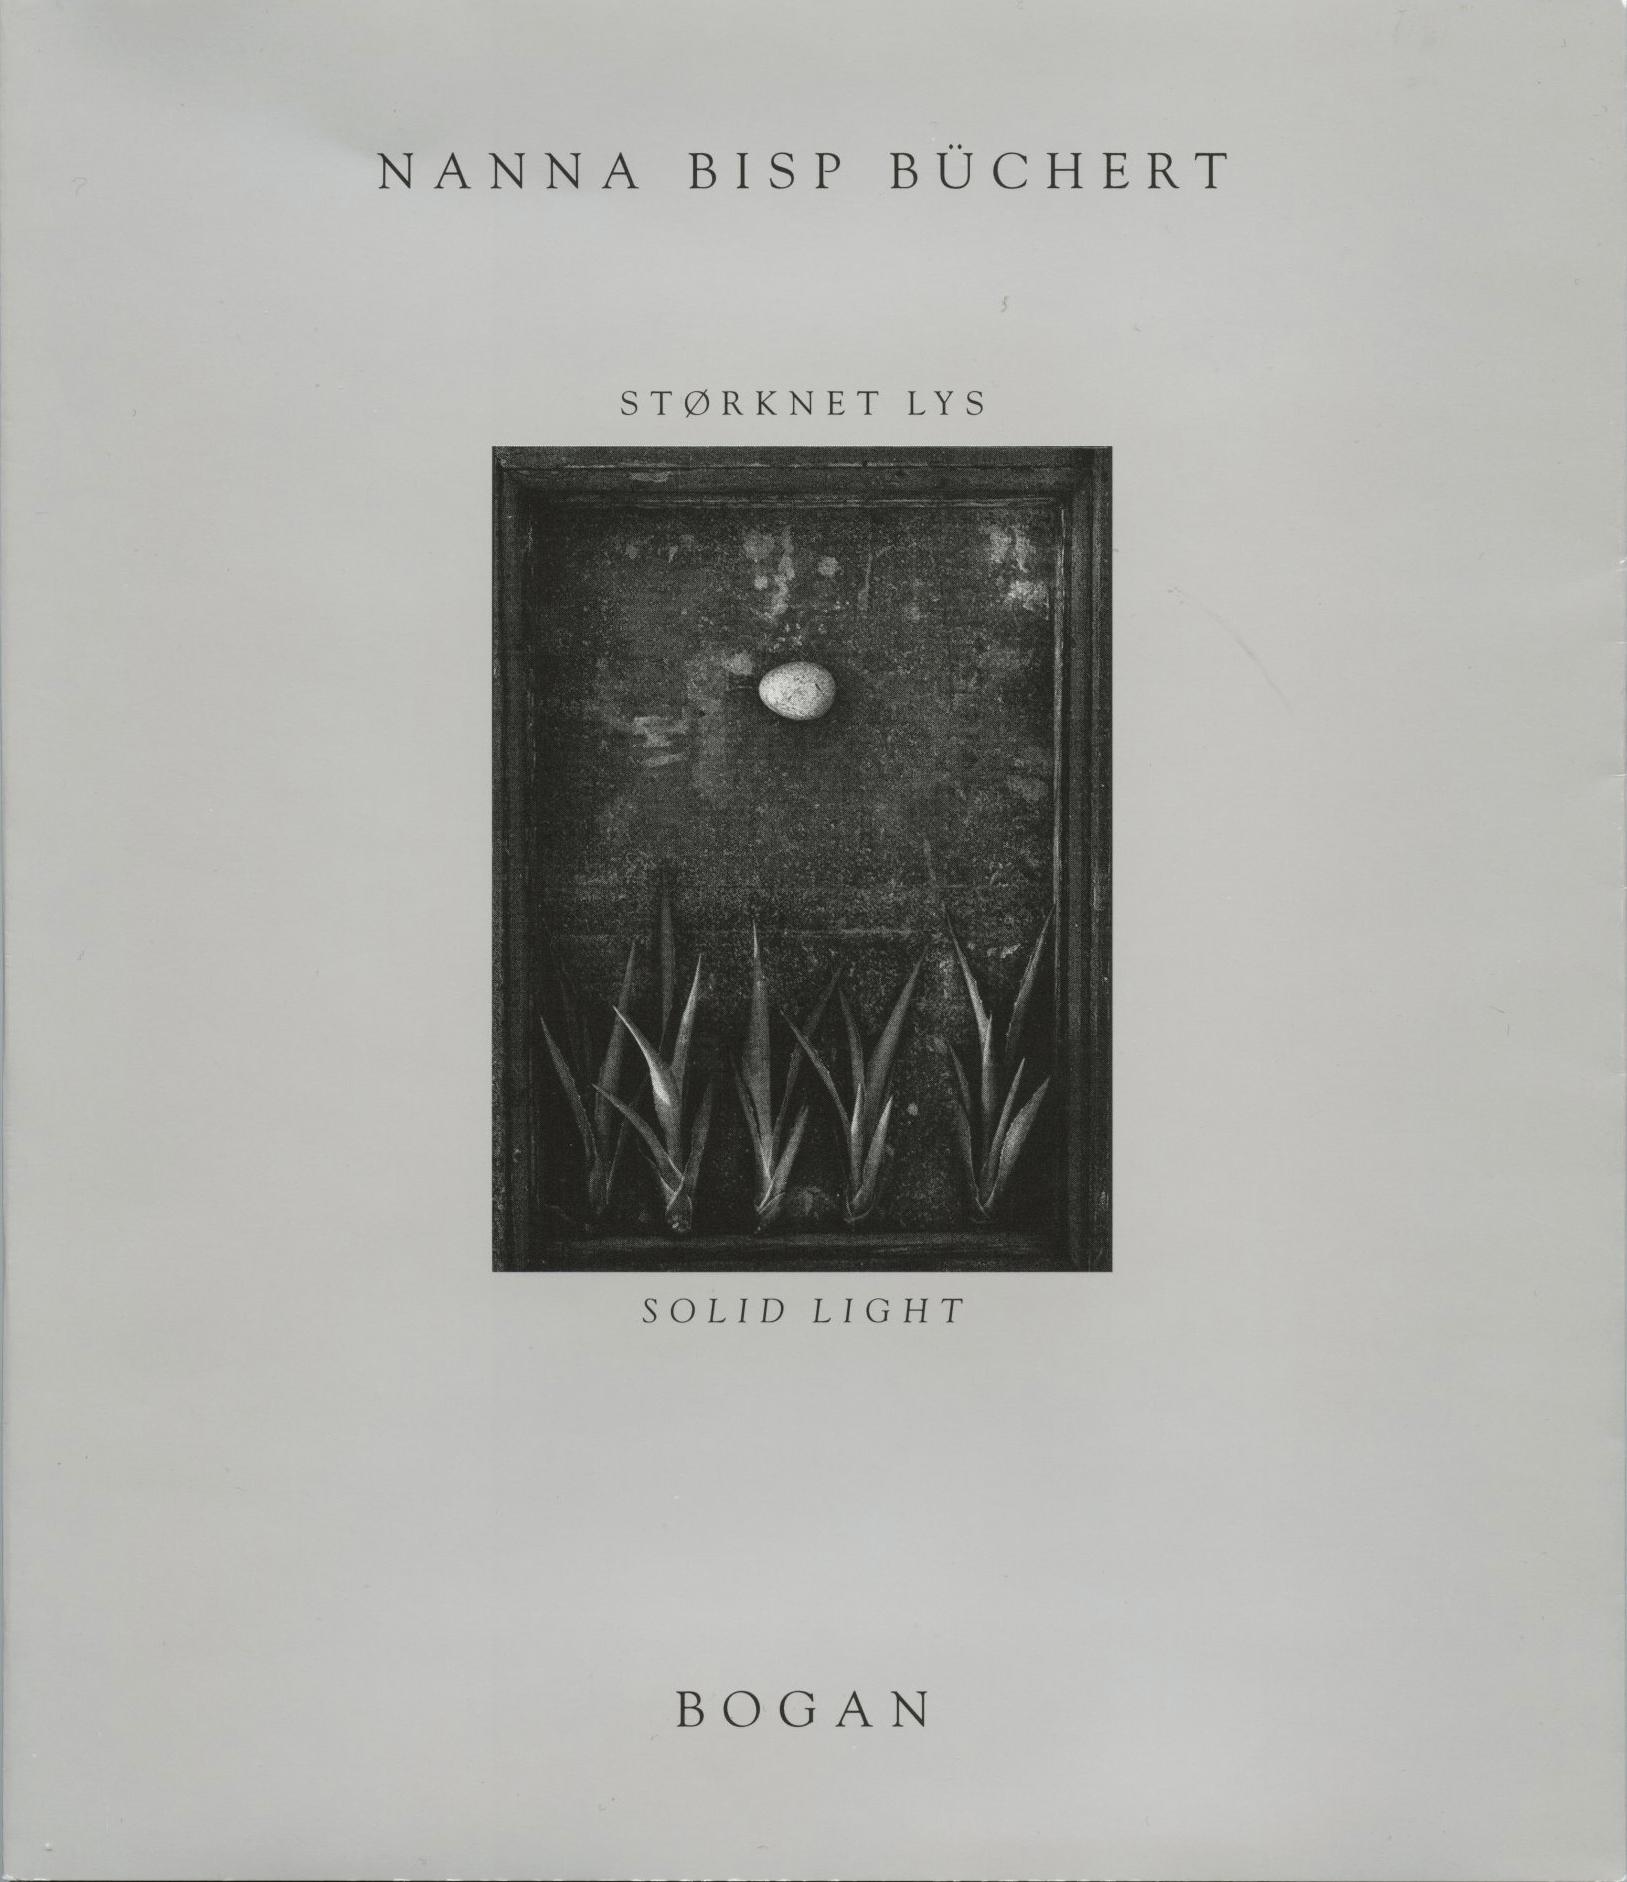 ISBN: 87-7466-317-8